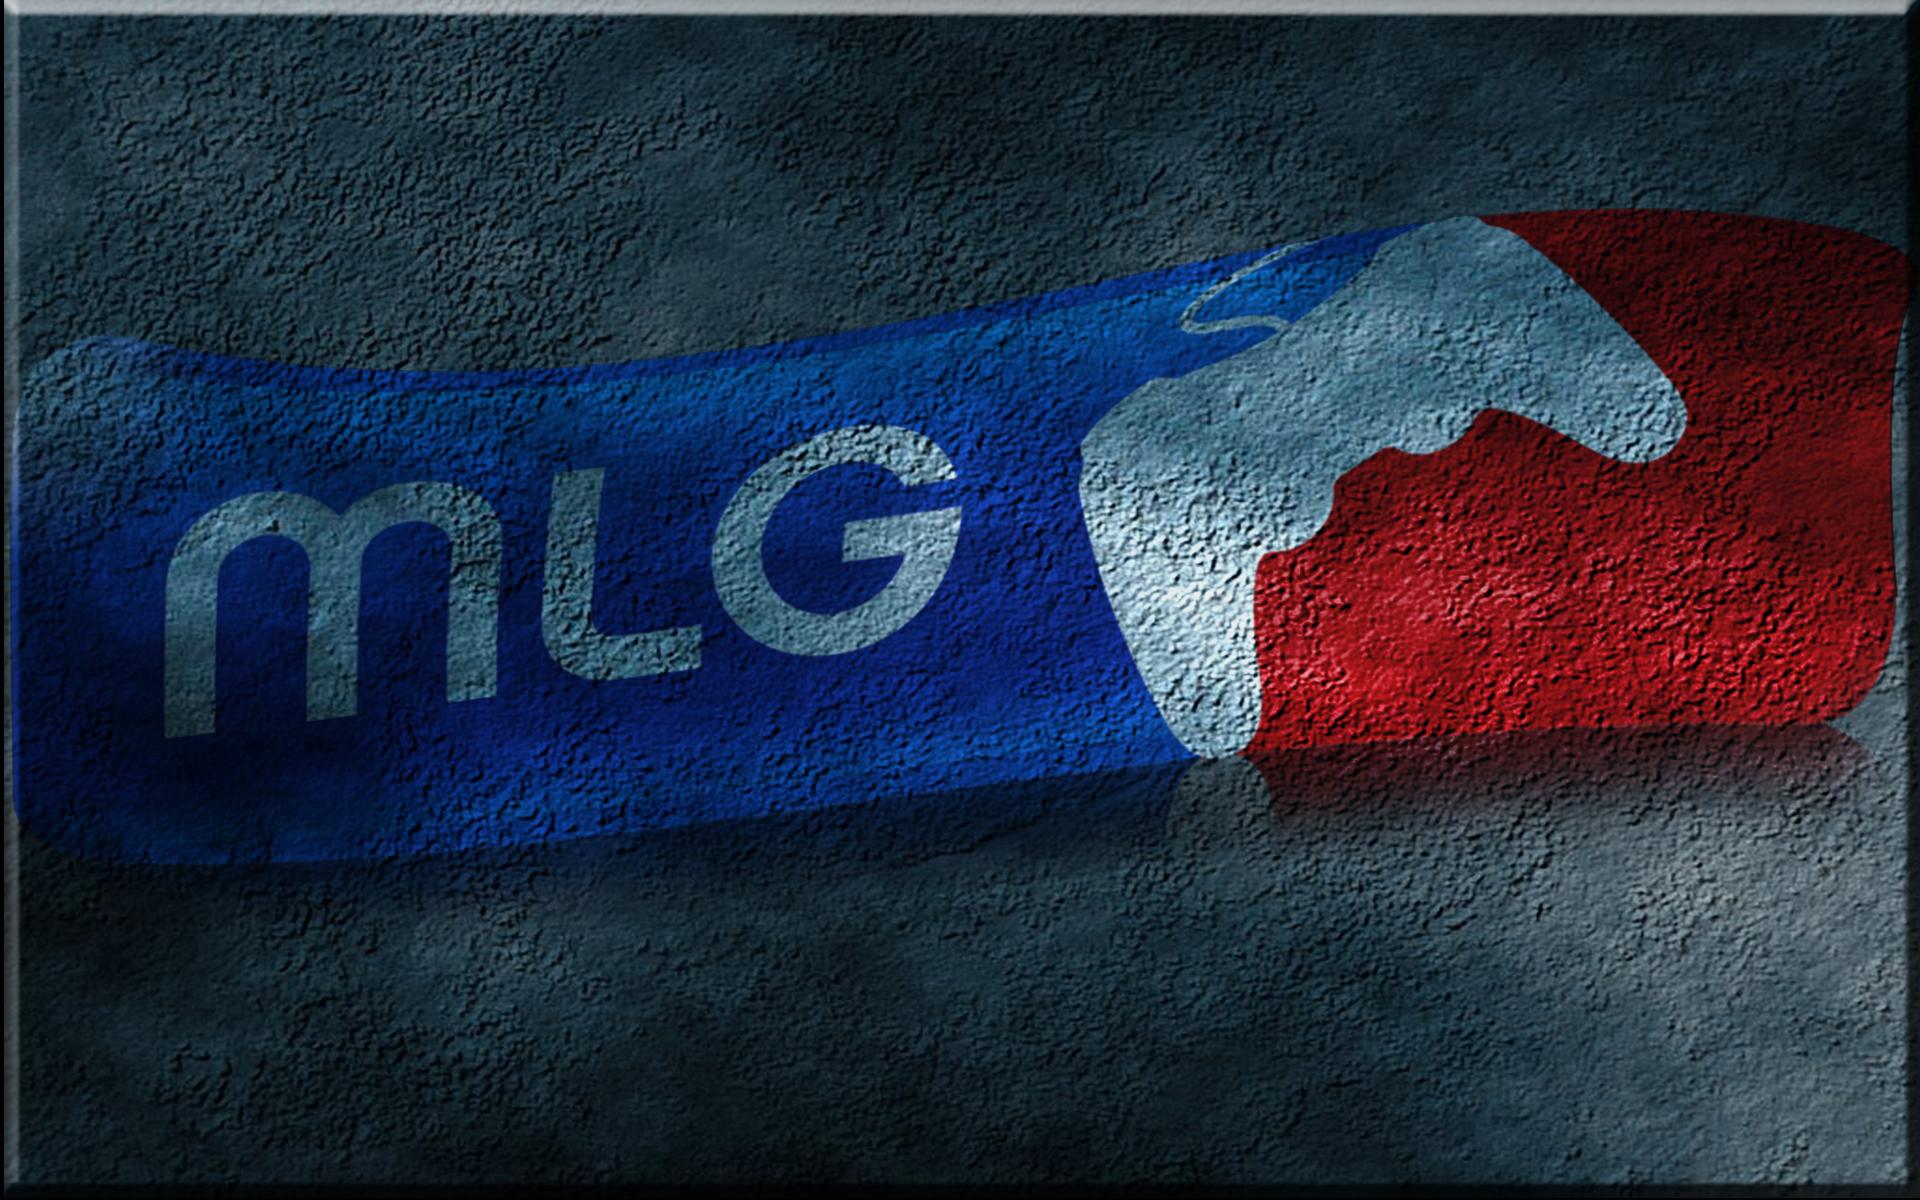 HD MLG 4k Image